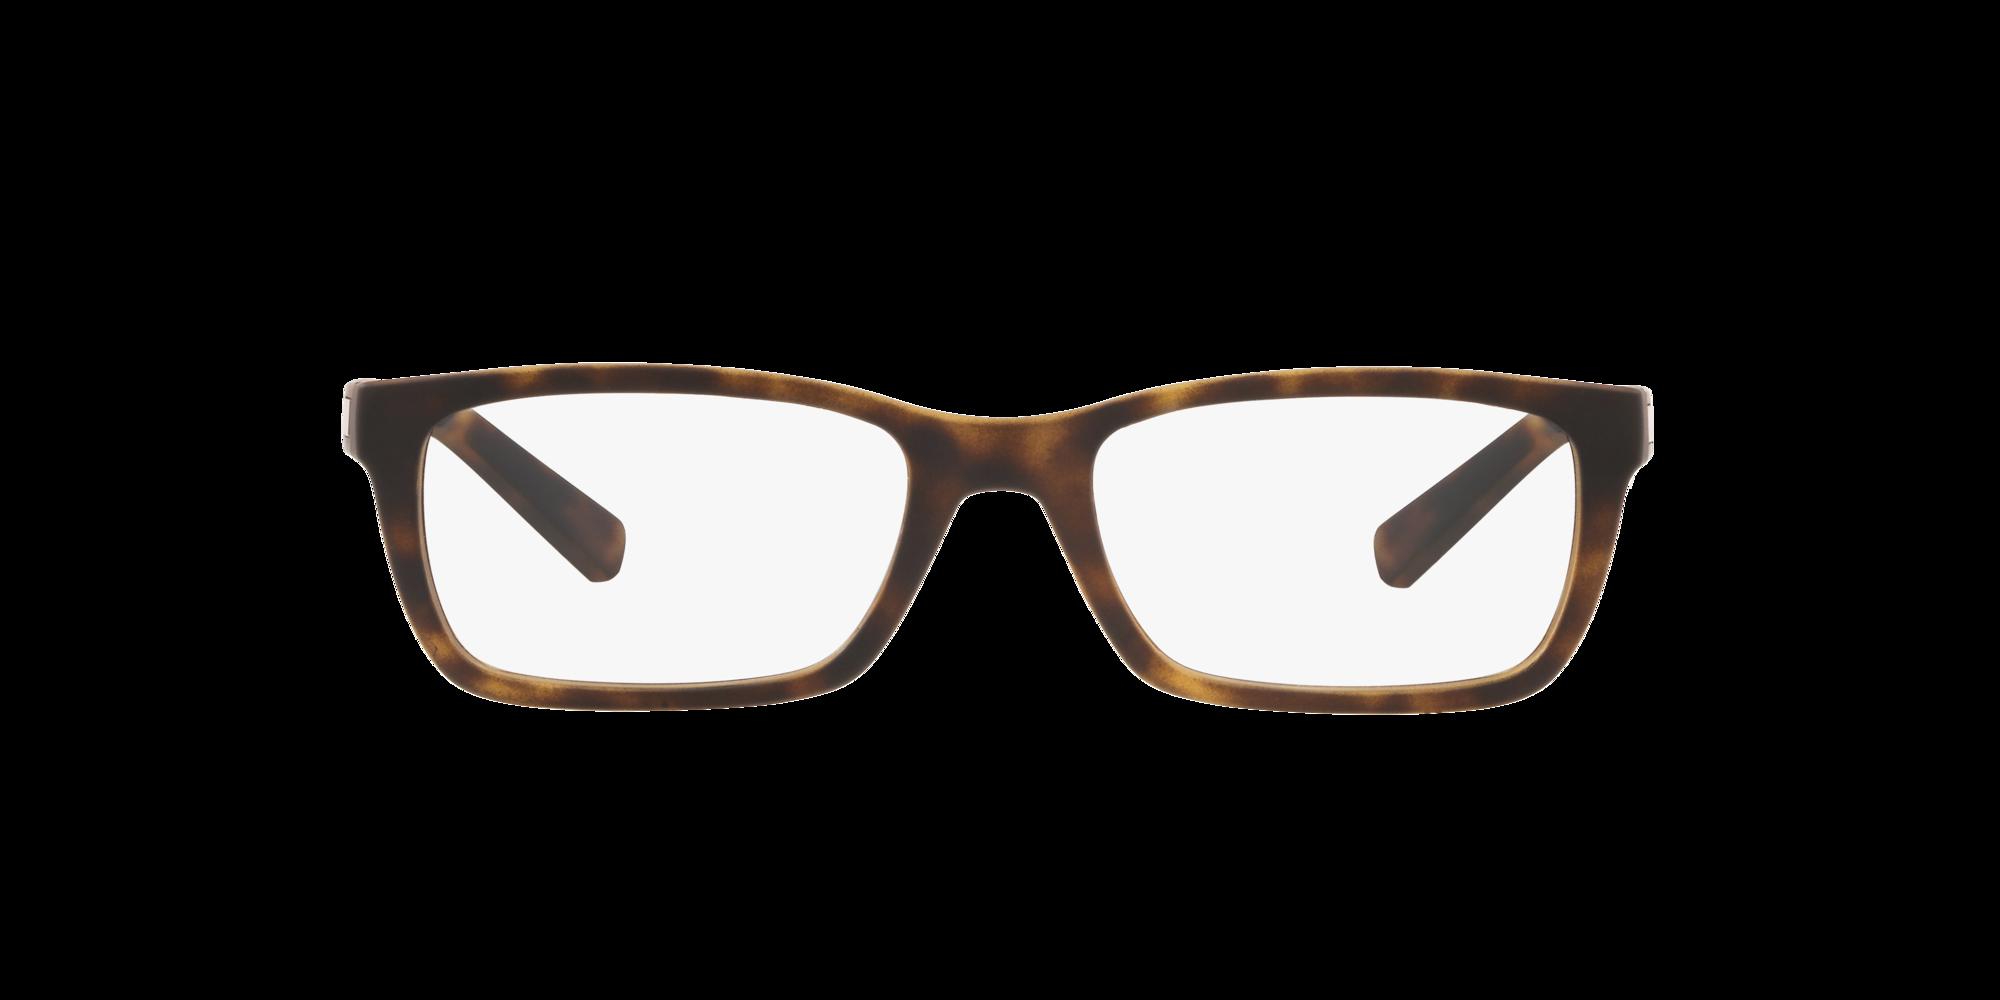 Imagen para AX3007 de LensCrafters    Espejuelos, espejuelos graduados en línea, gafas